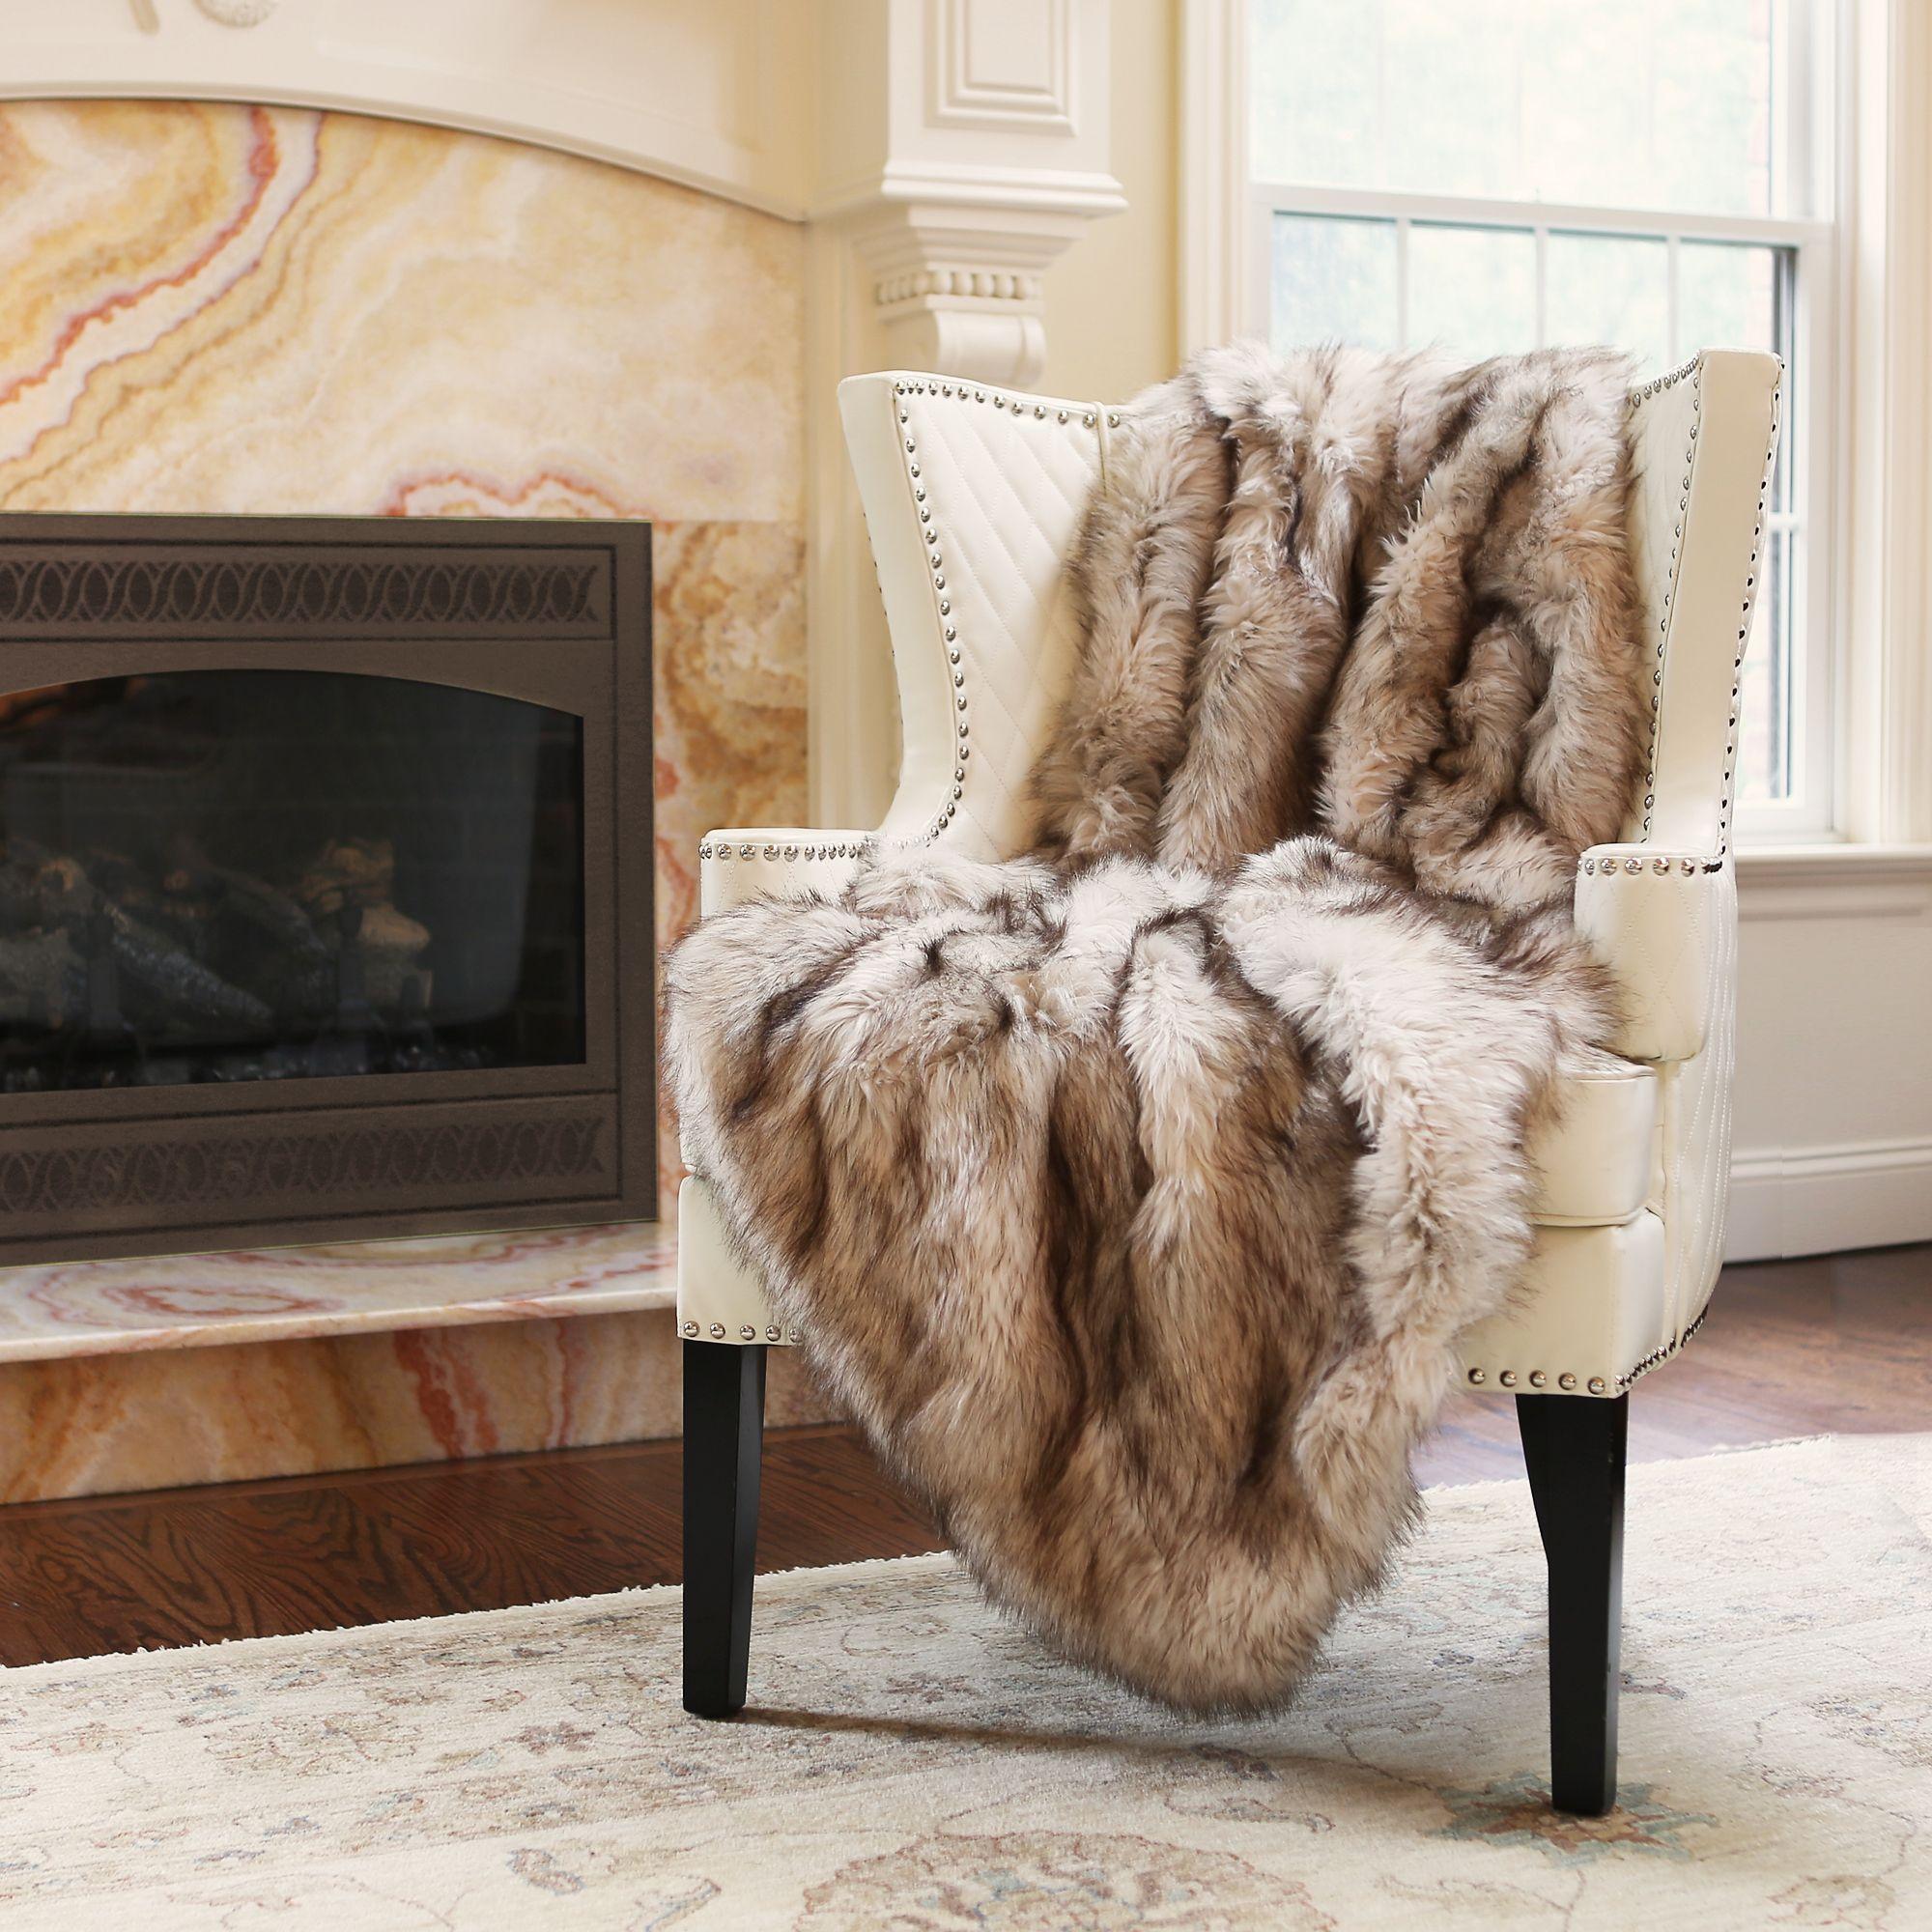 zebra faux set piece design bed bedding fur comforter product queen